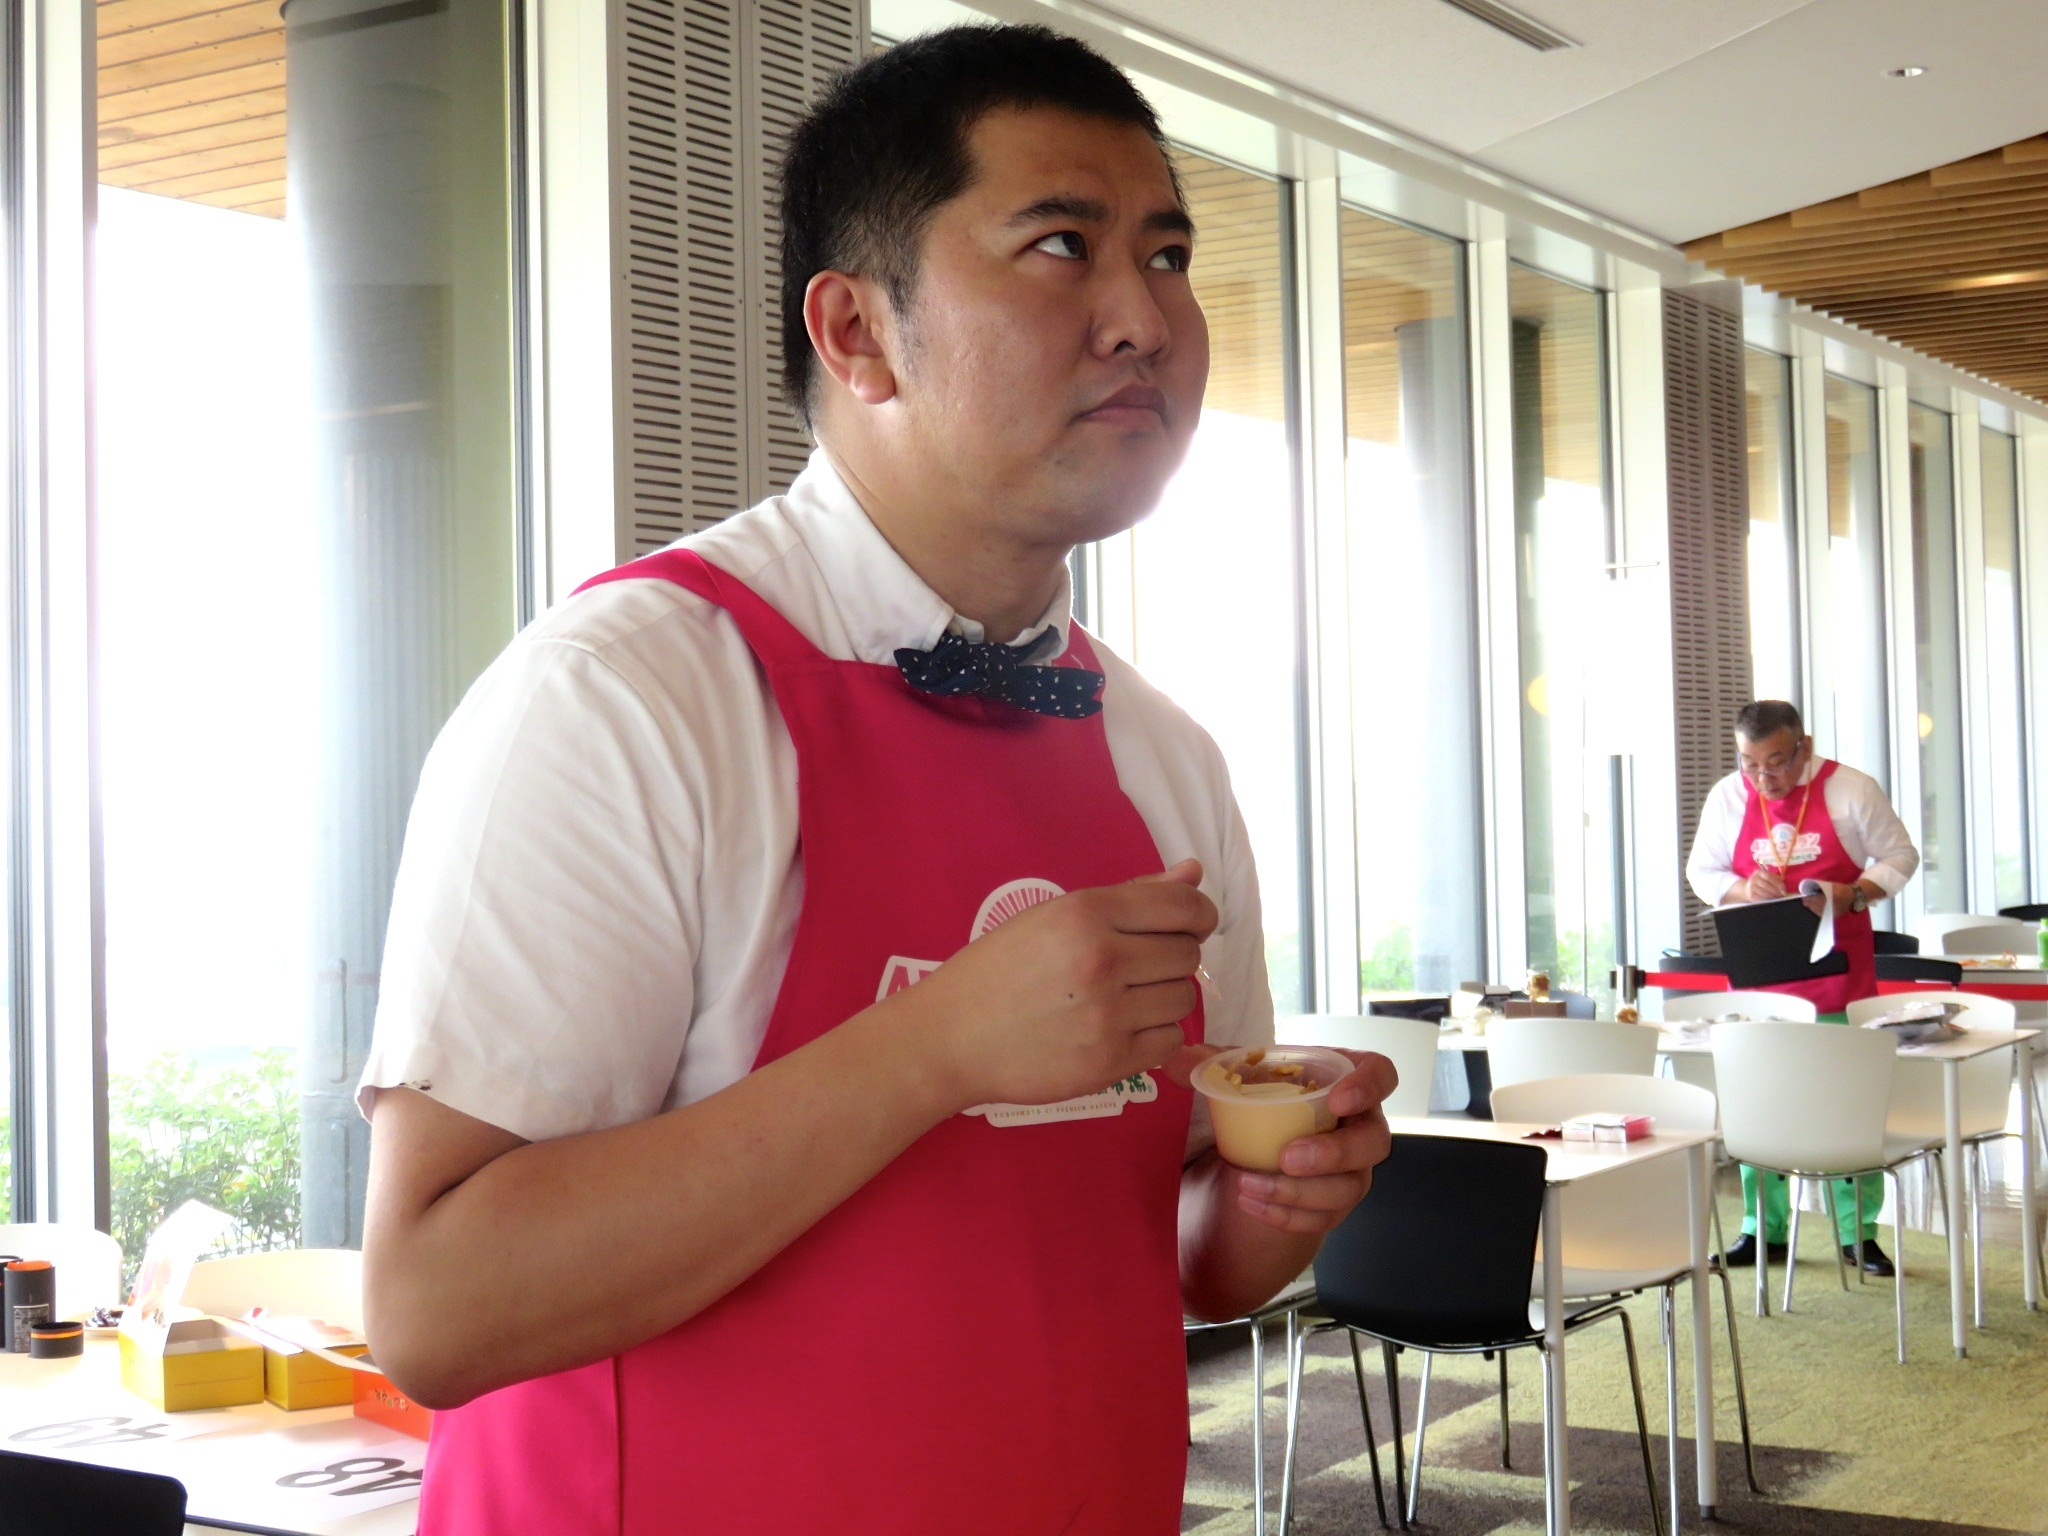 http://news.yoshimoto.co.jp/photos/uncategorized/2015/05/28/20150528172152-875018d67f547286af26cb5d200ecff00a7ecff1.jpg